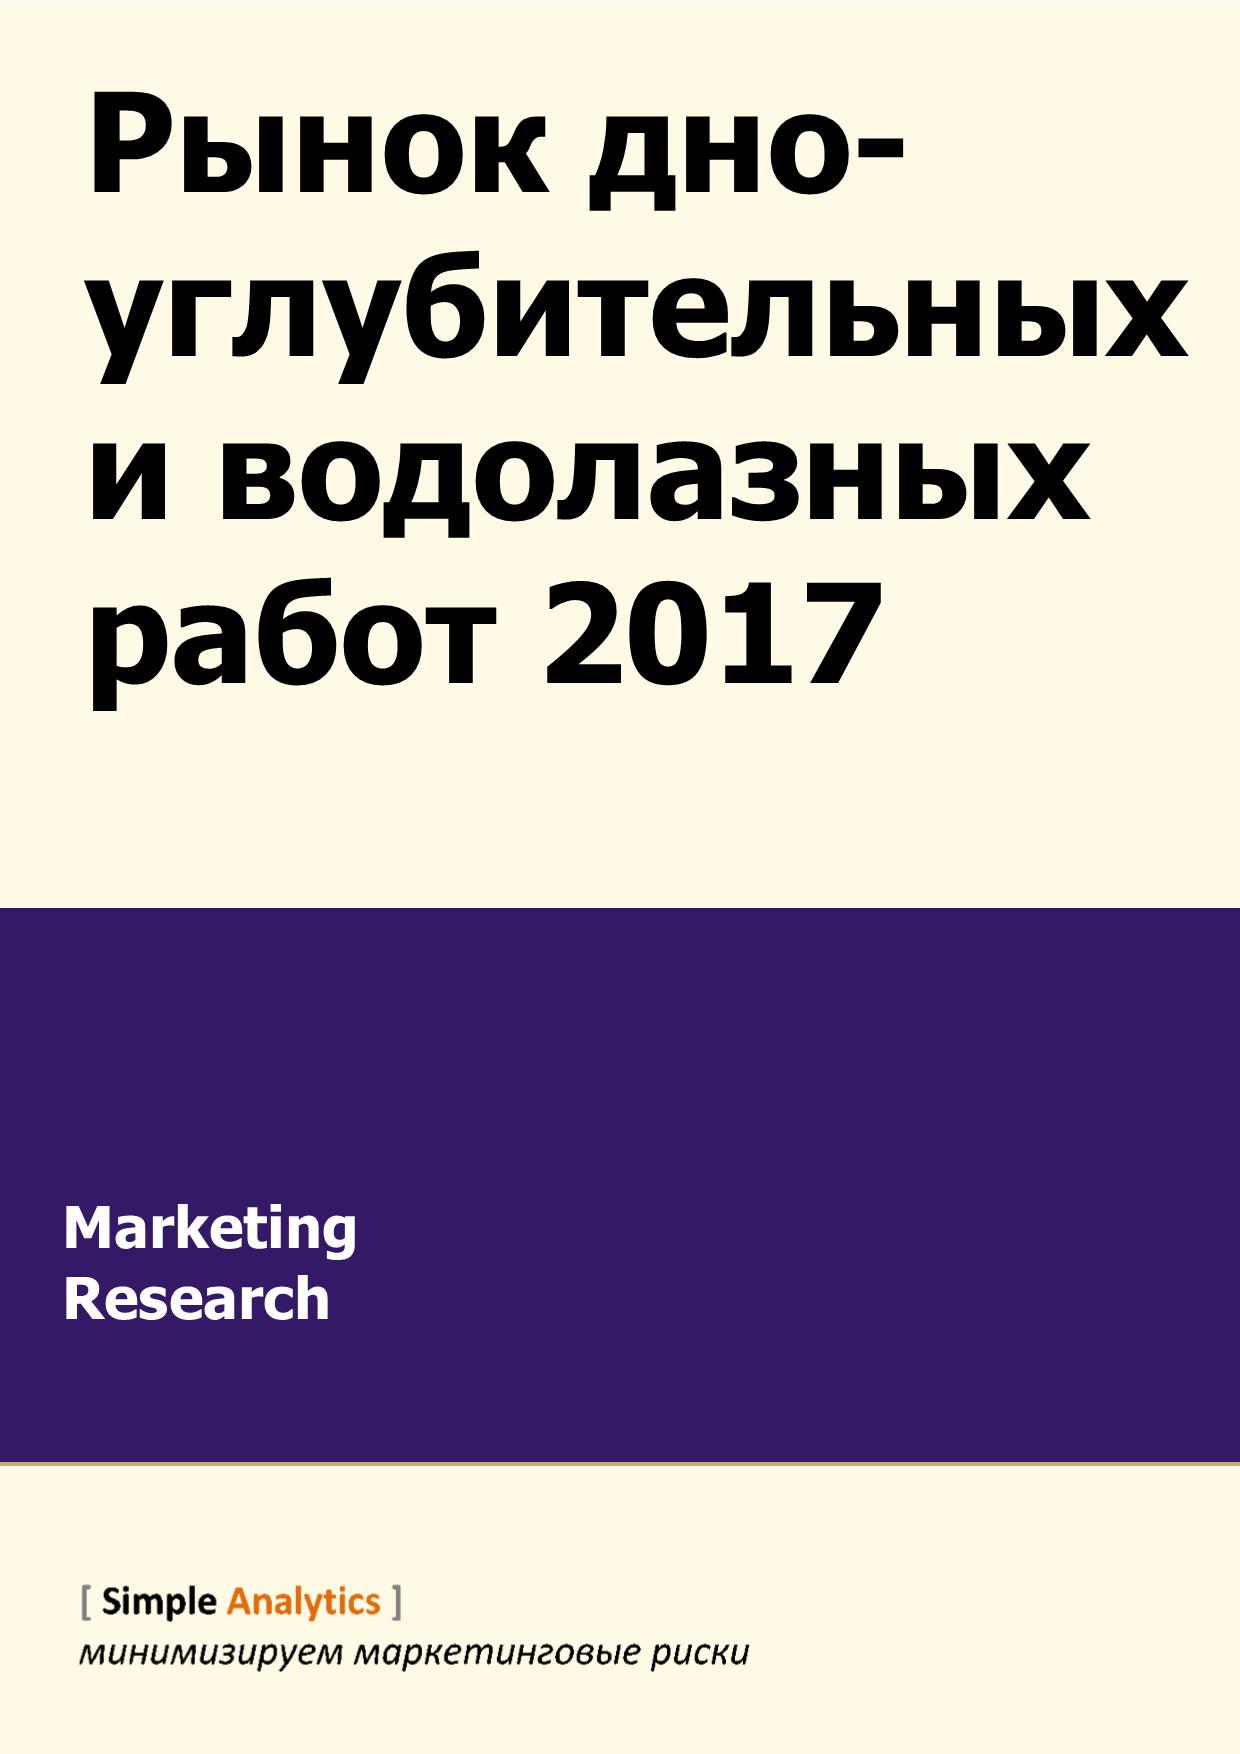 Маркетинговое исследование водолазных работ.png